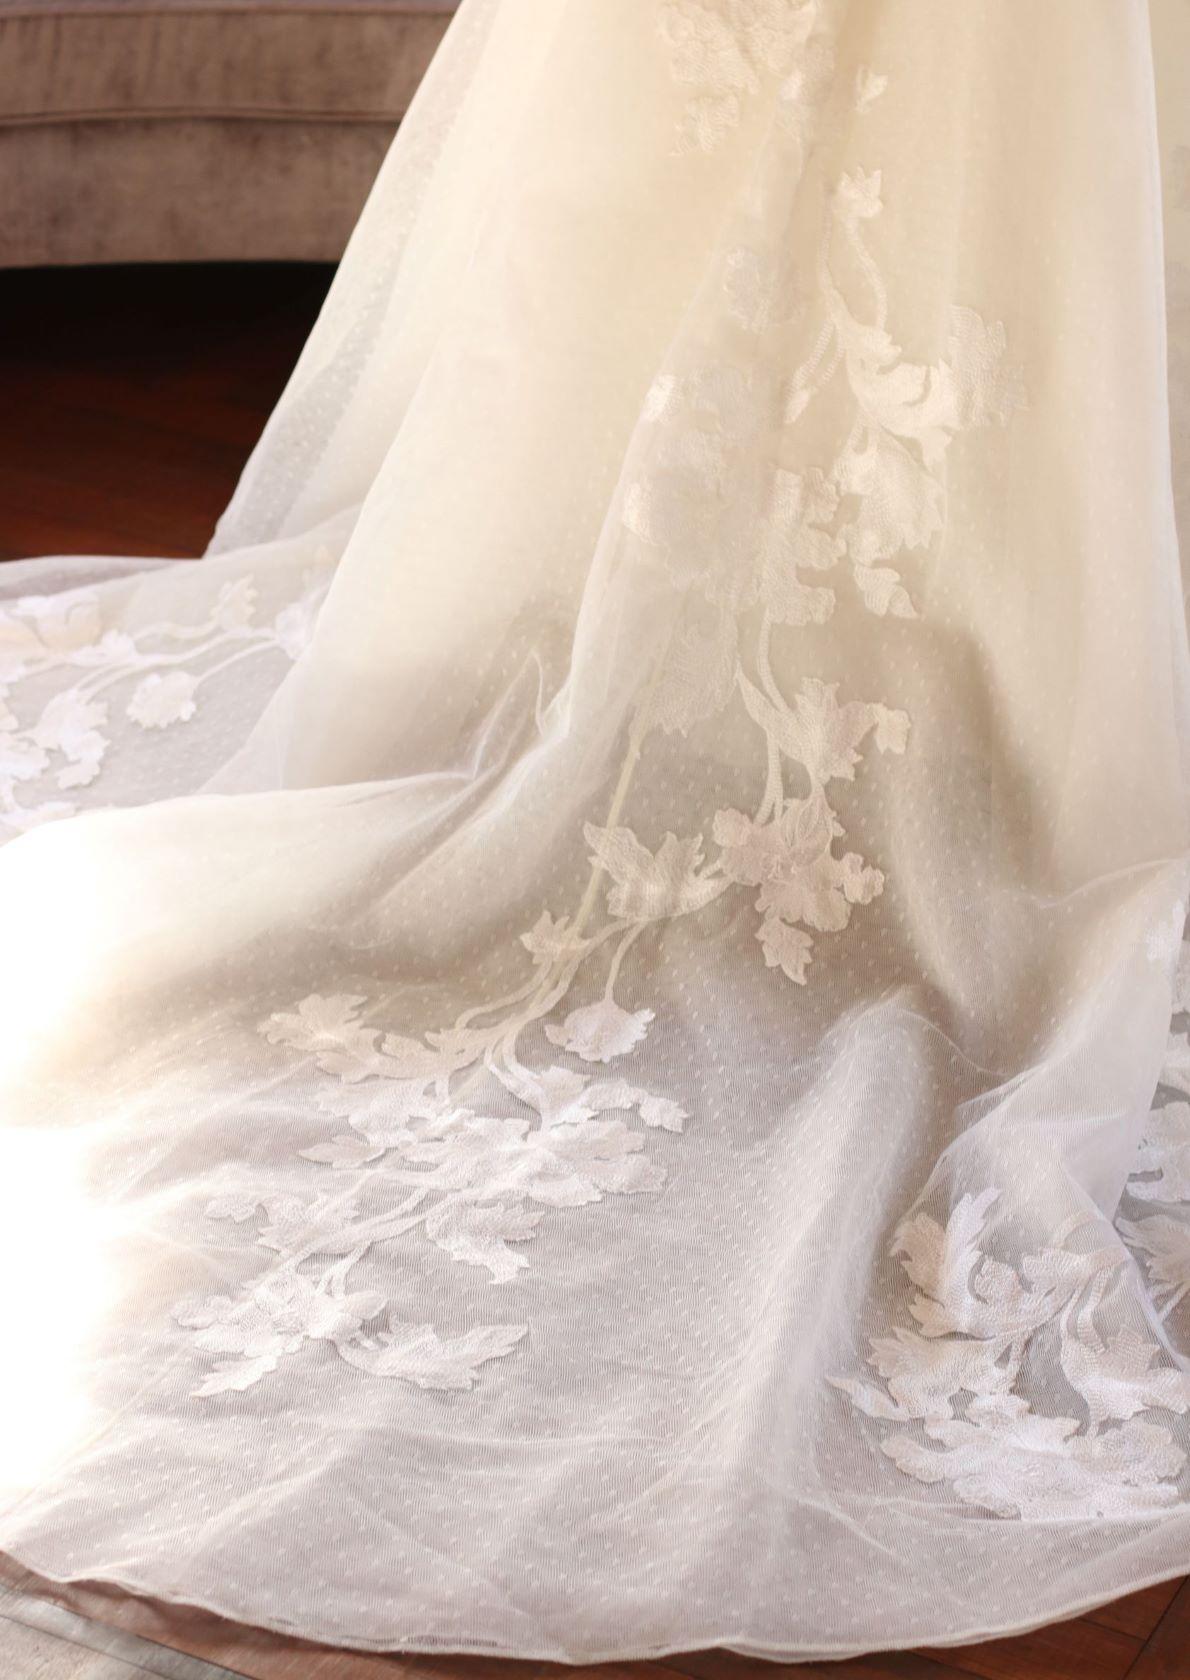 赤坂プリンスクラシックハウスのチャペルに映えるトレーンの長いエリーサーブのトリートドレッシングのドレス